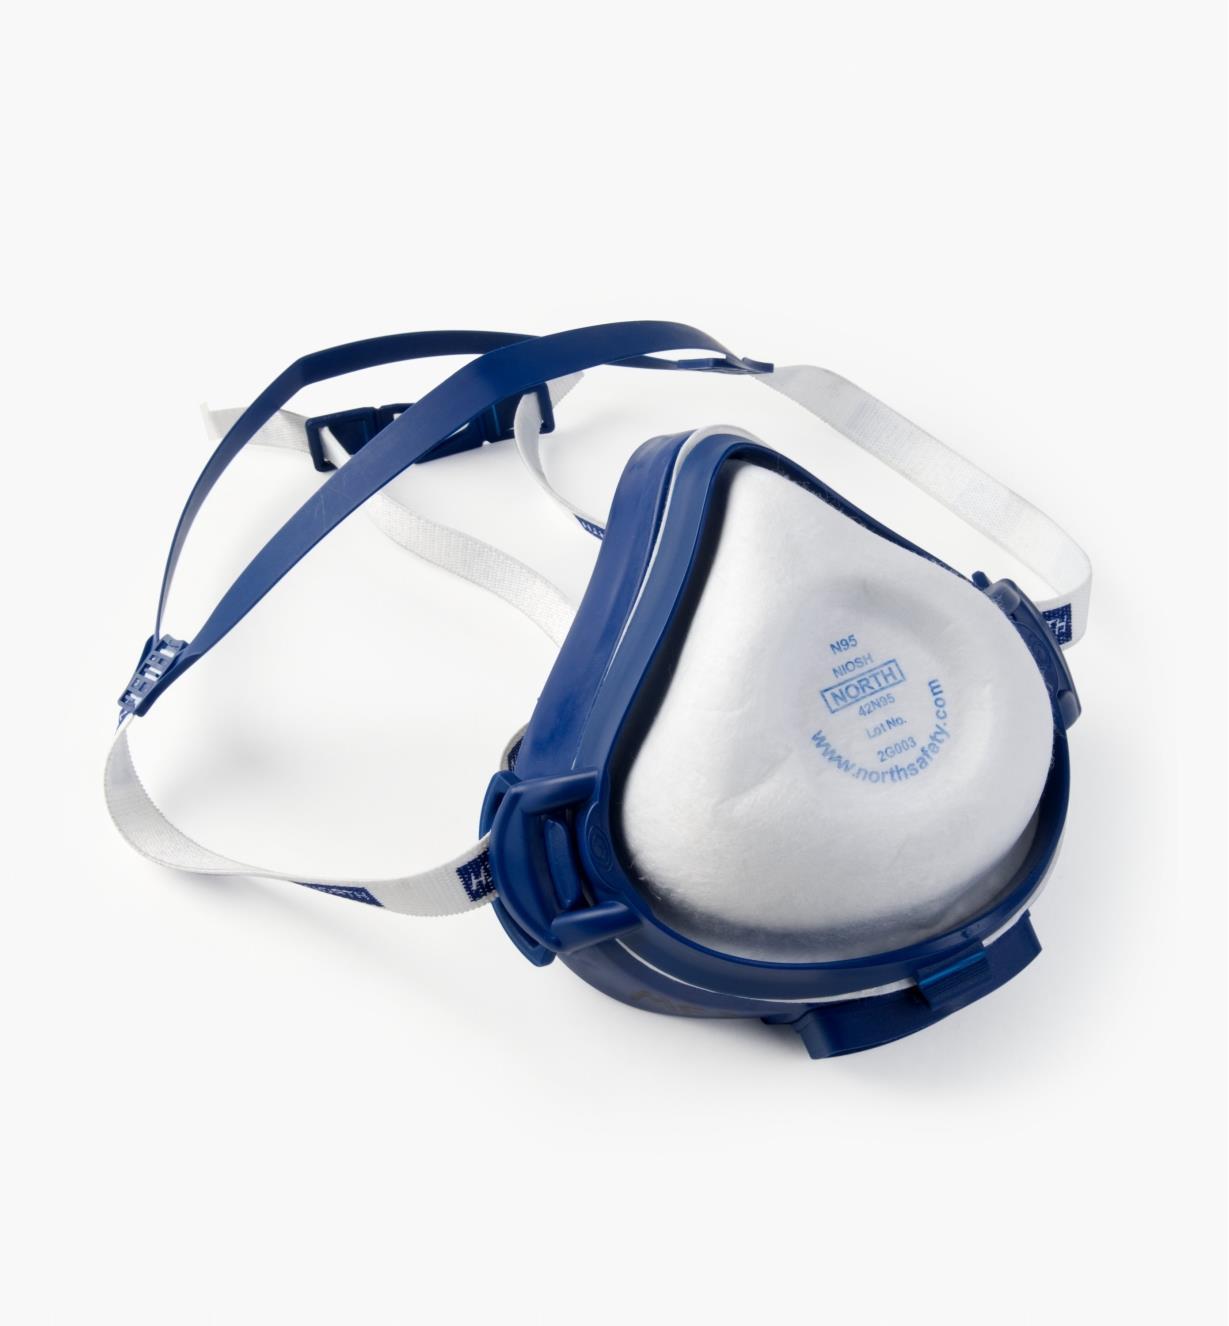 22R2031 - Small Respirator